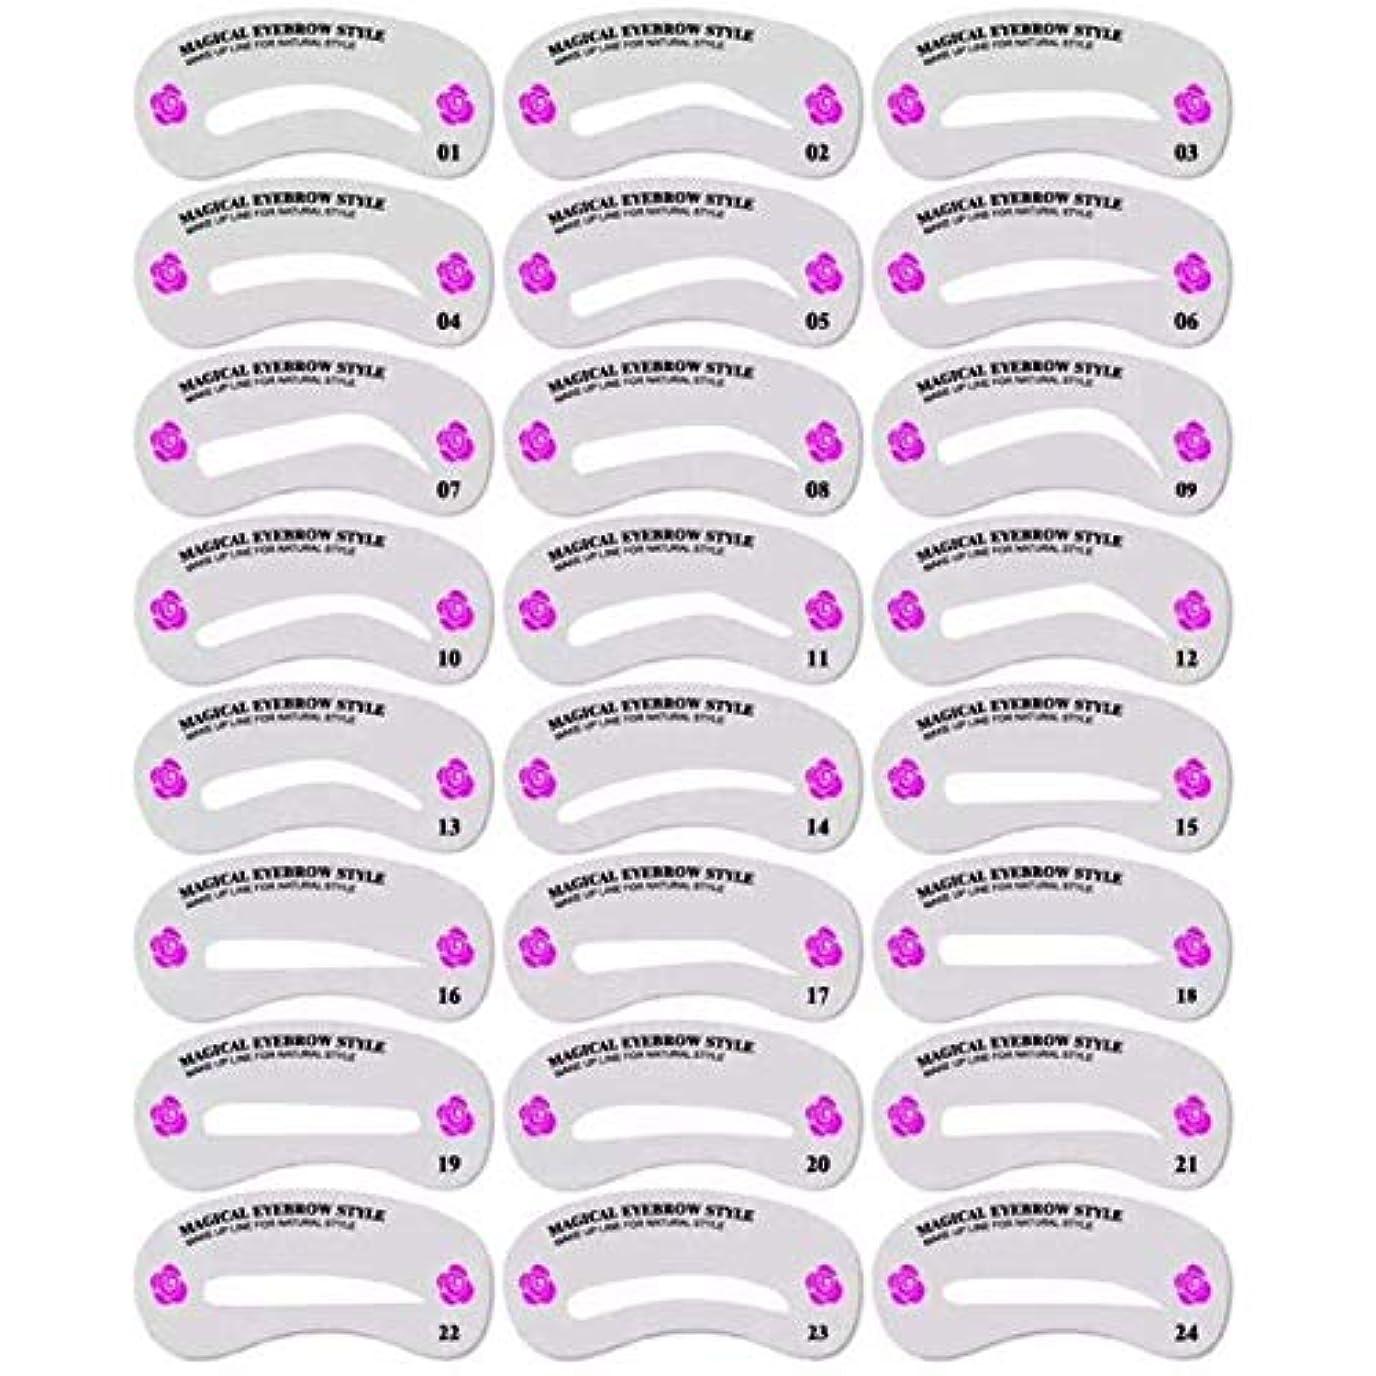 穴松の木ジェーンオースティン眉毛テンプレート 24種類 美容ツール メイクアップ ガイド 眉毛を気分で使い分け 男女兼用 (24枚セット)